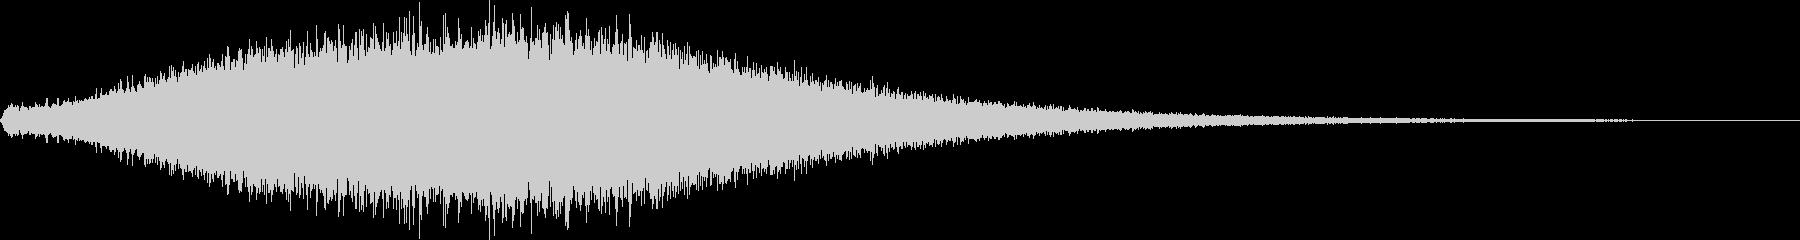 【ホラー】 サウンドスケープ ダークの未再生の波形